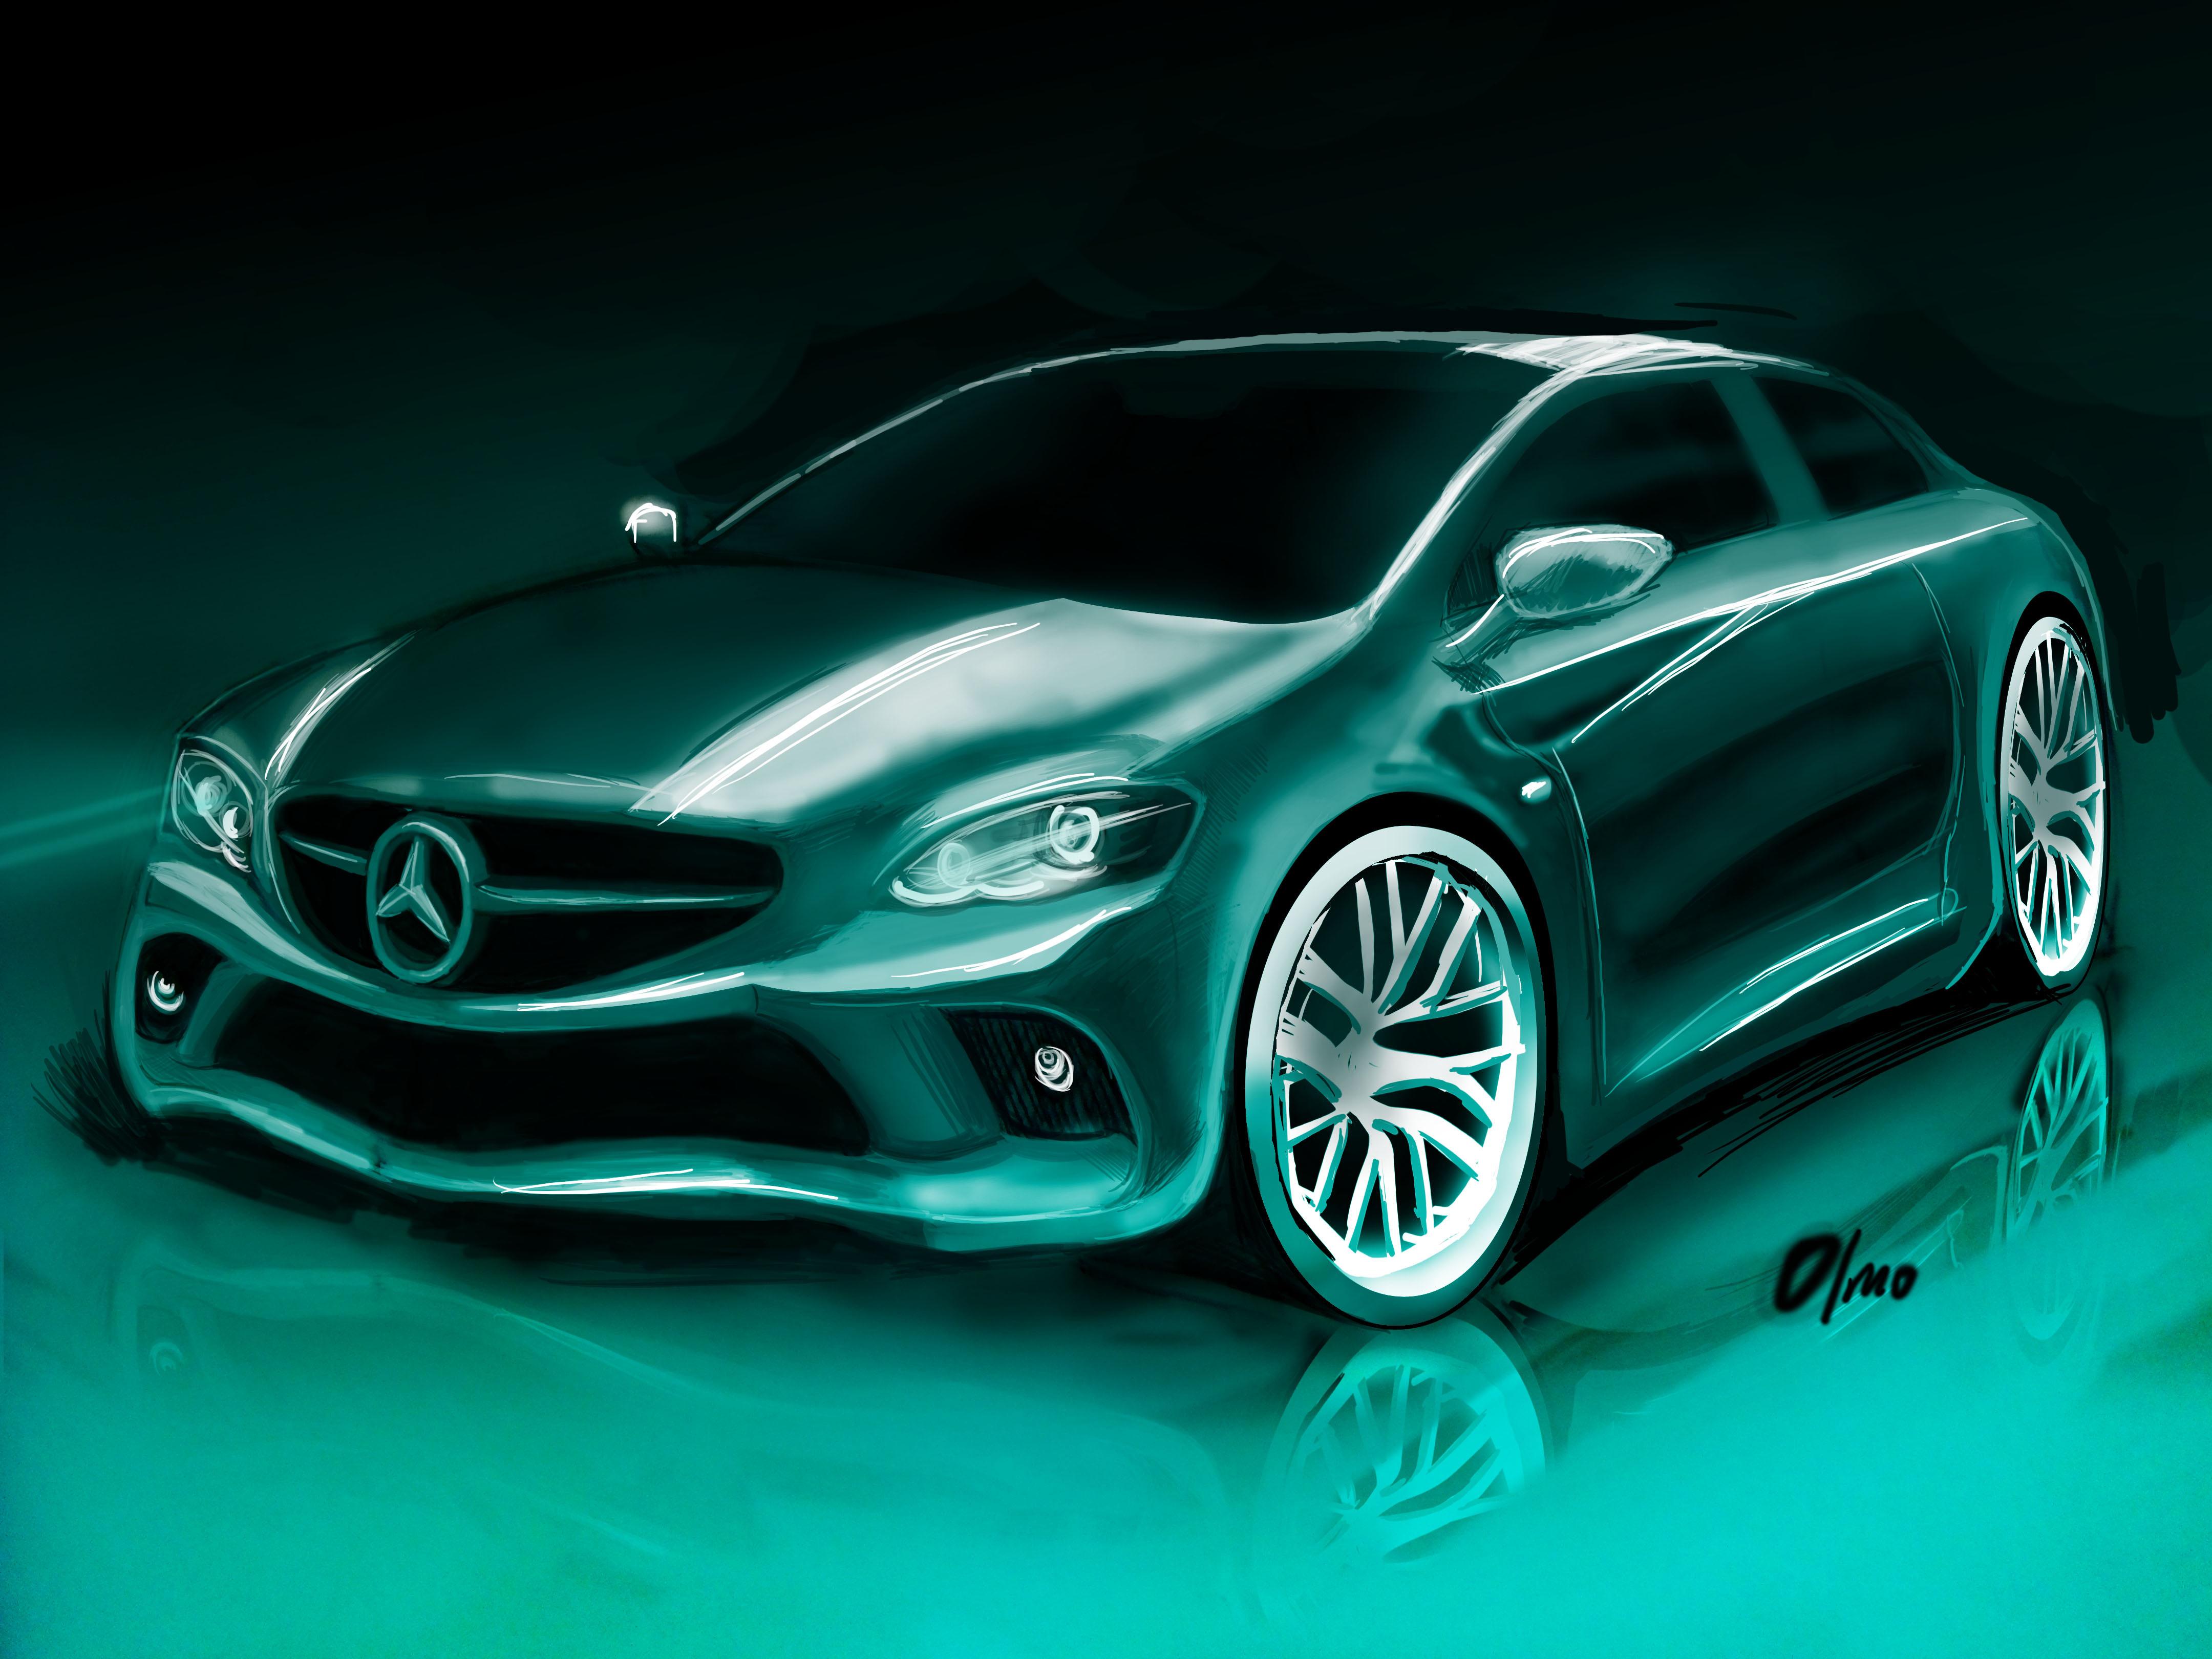 汽车手绘效果图 car rendering